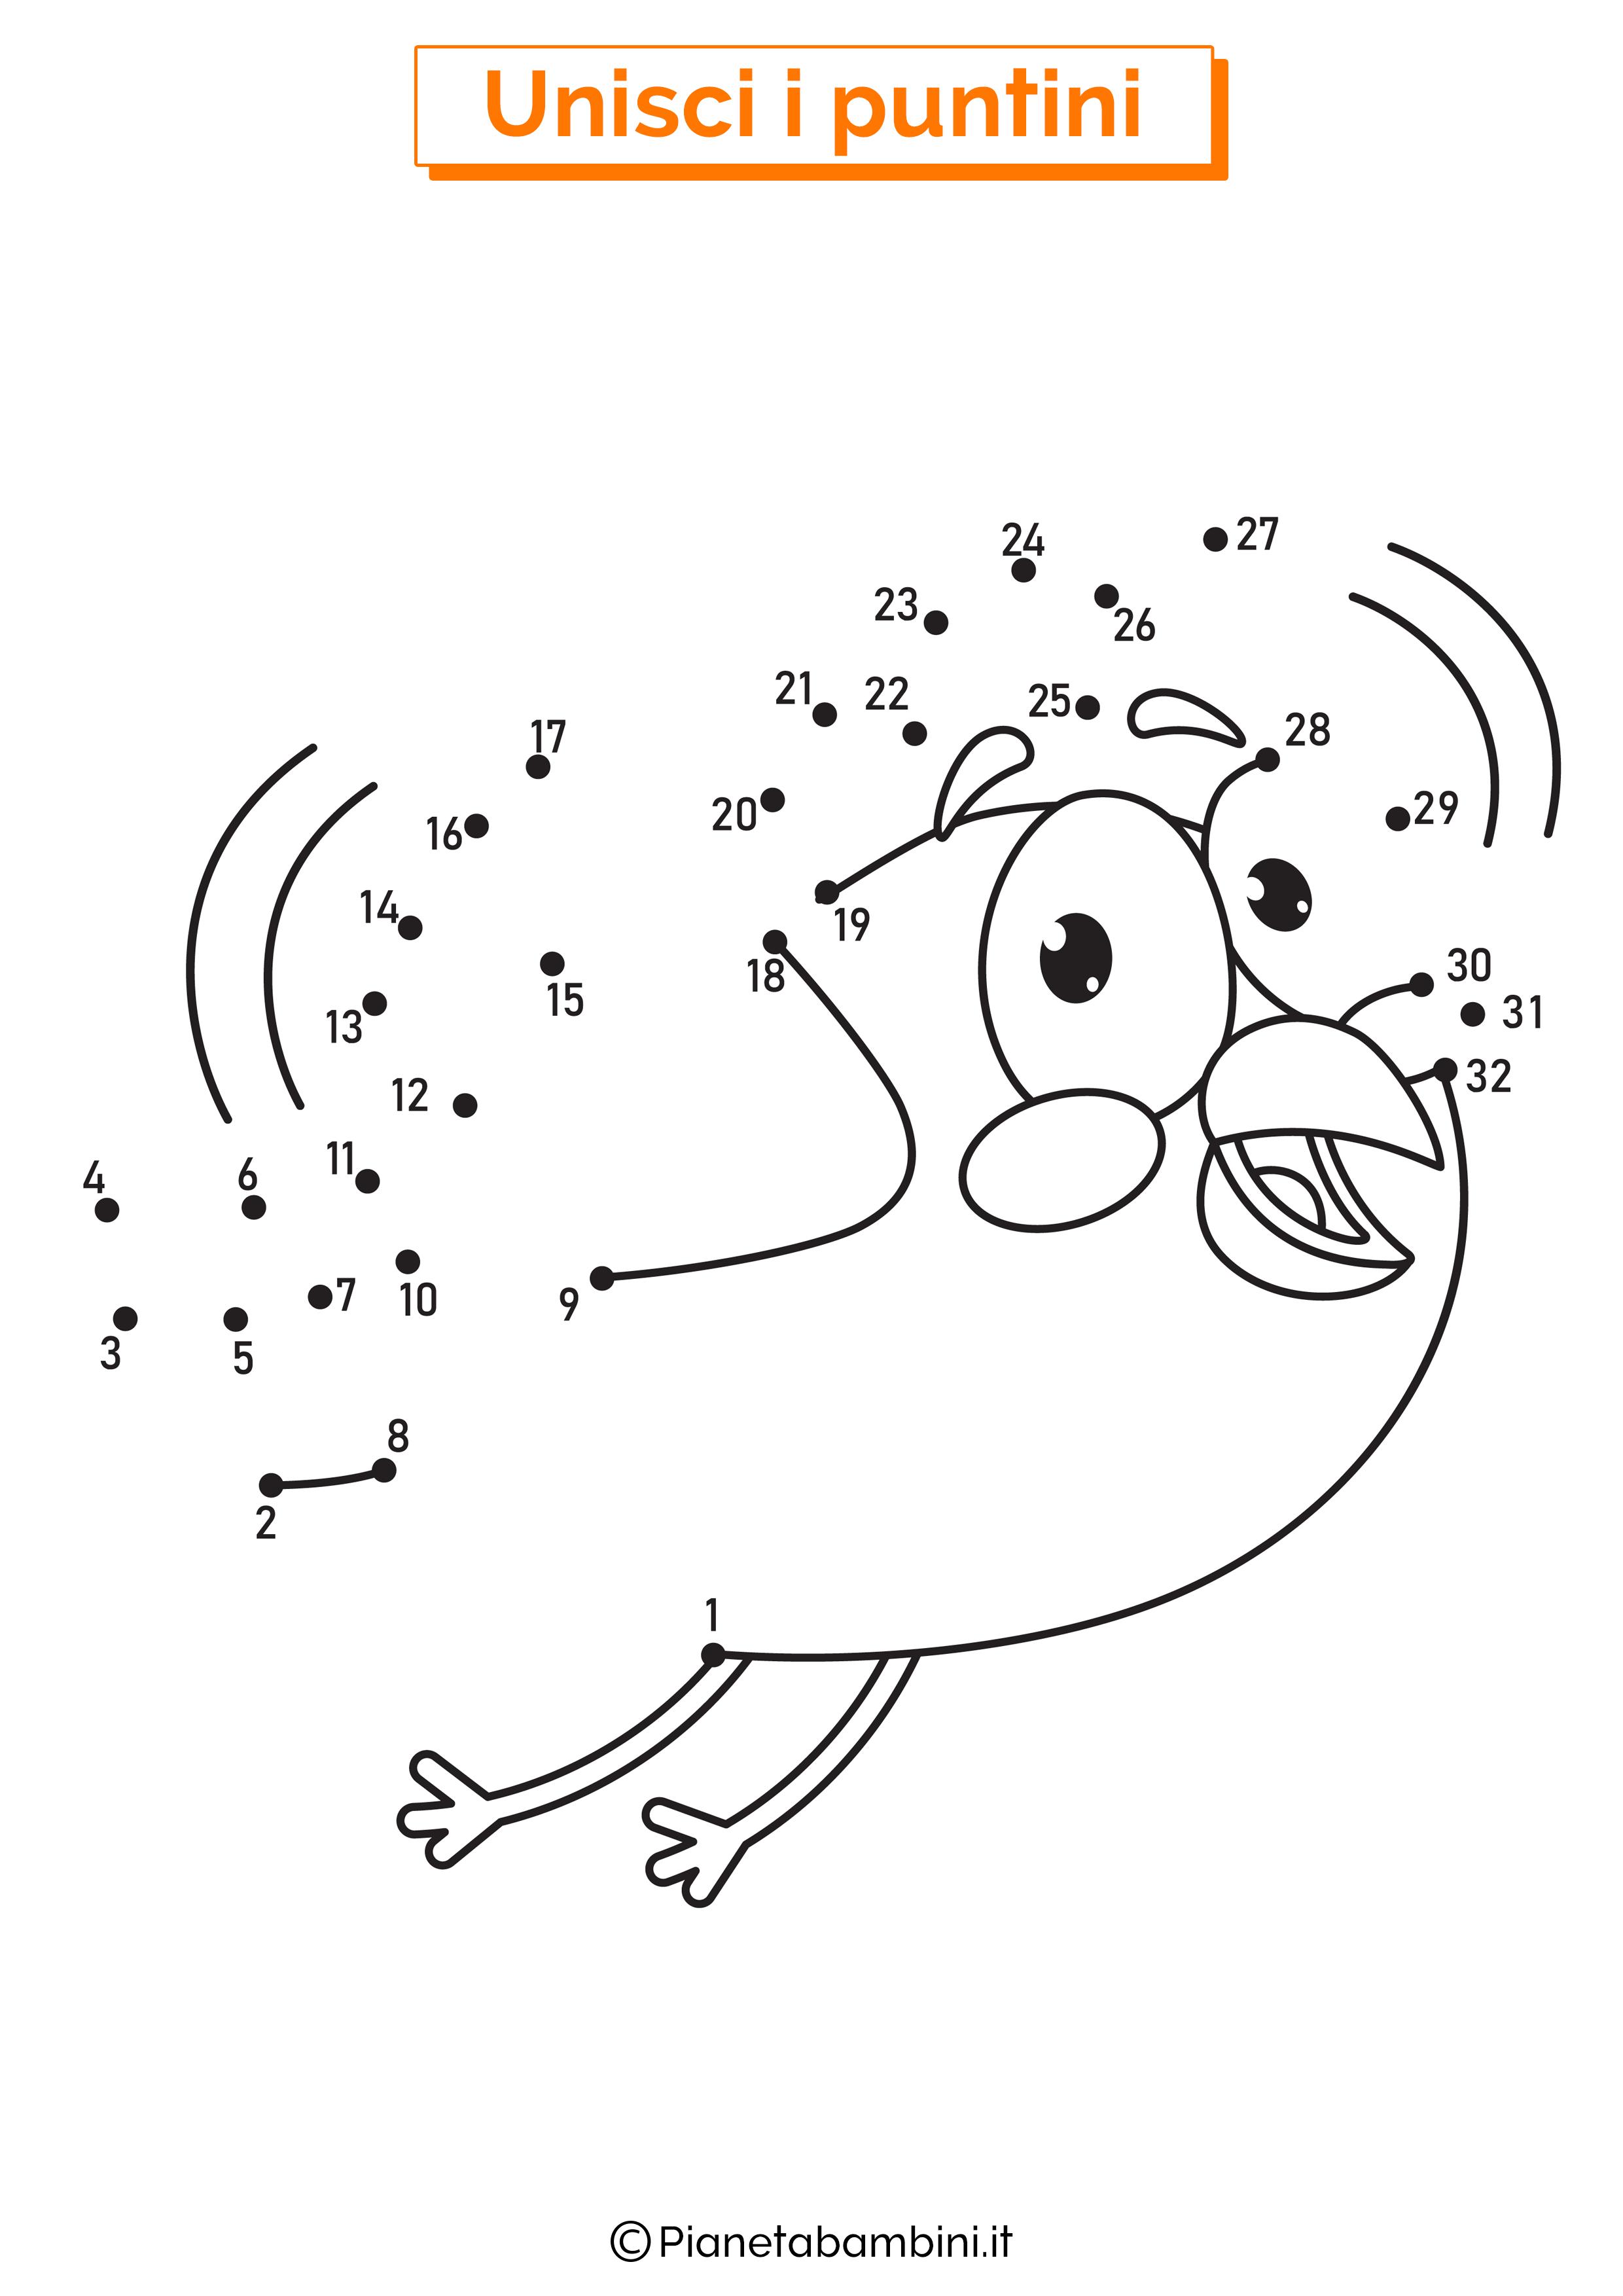 Disegno unisci i puntini uccello